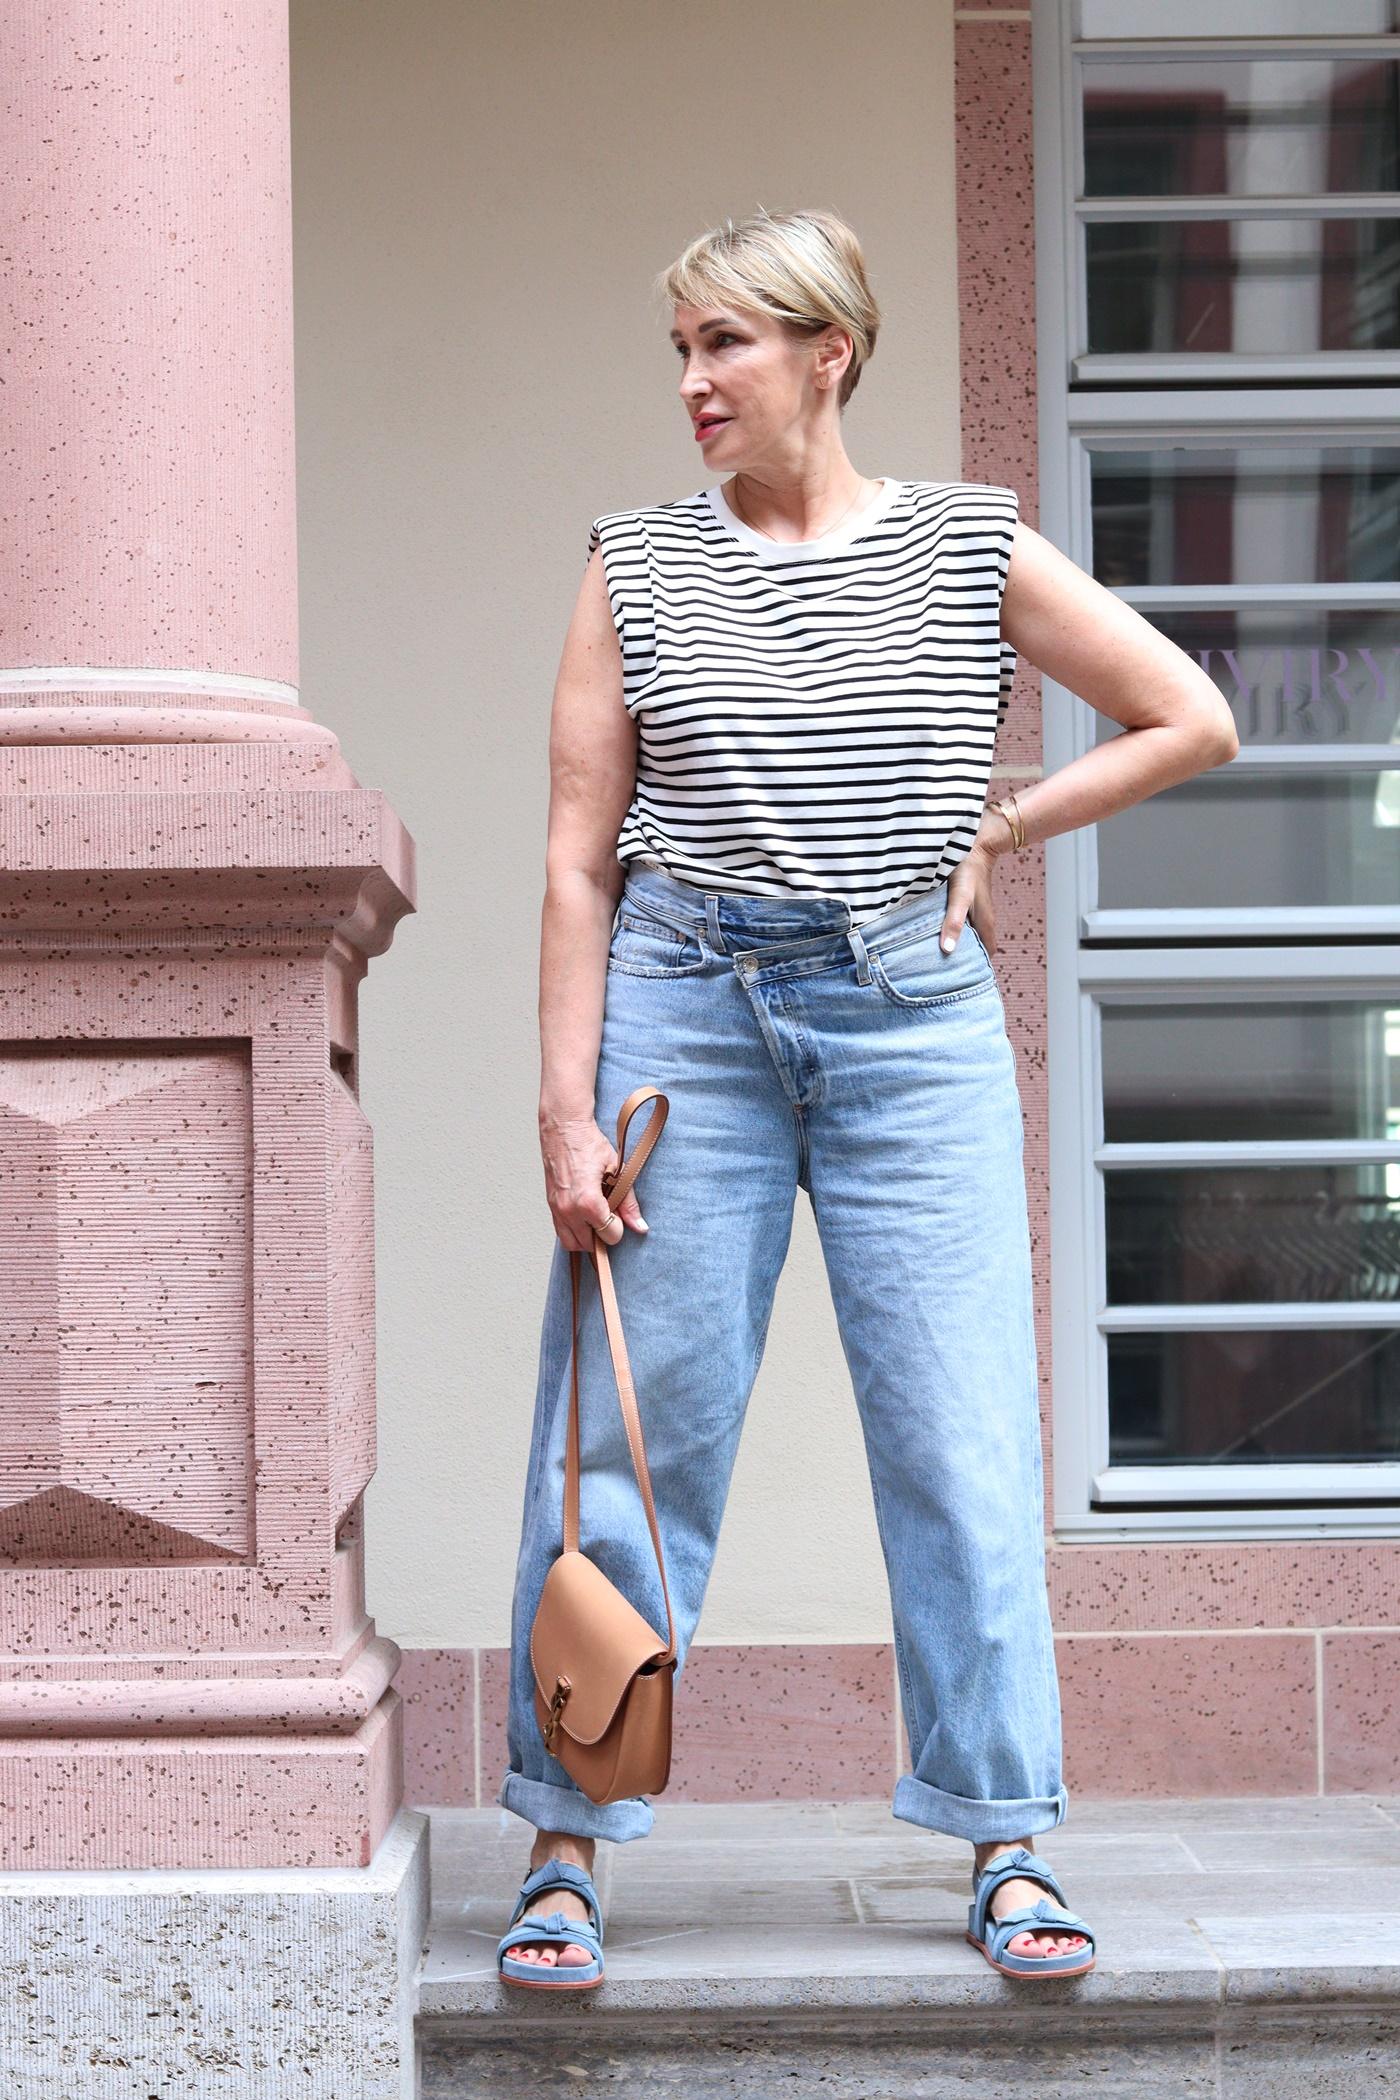 glamupyourlifestyle ringelshirt crisscorss-jeans Fehlkaeufe ue-40-blog ue-50-mode